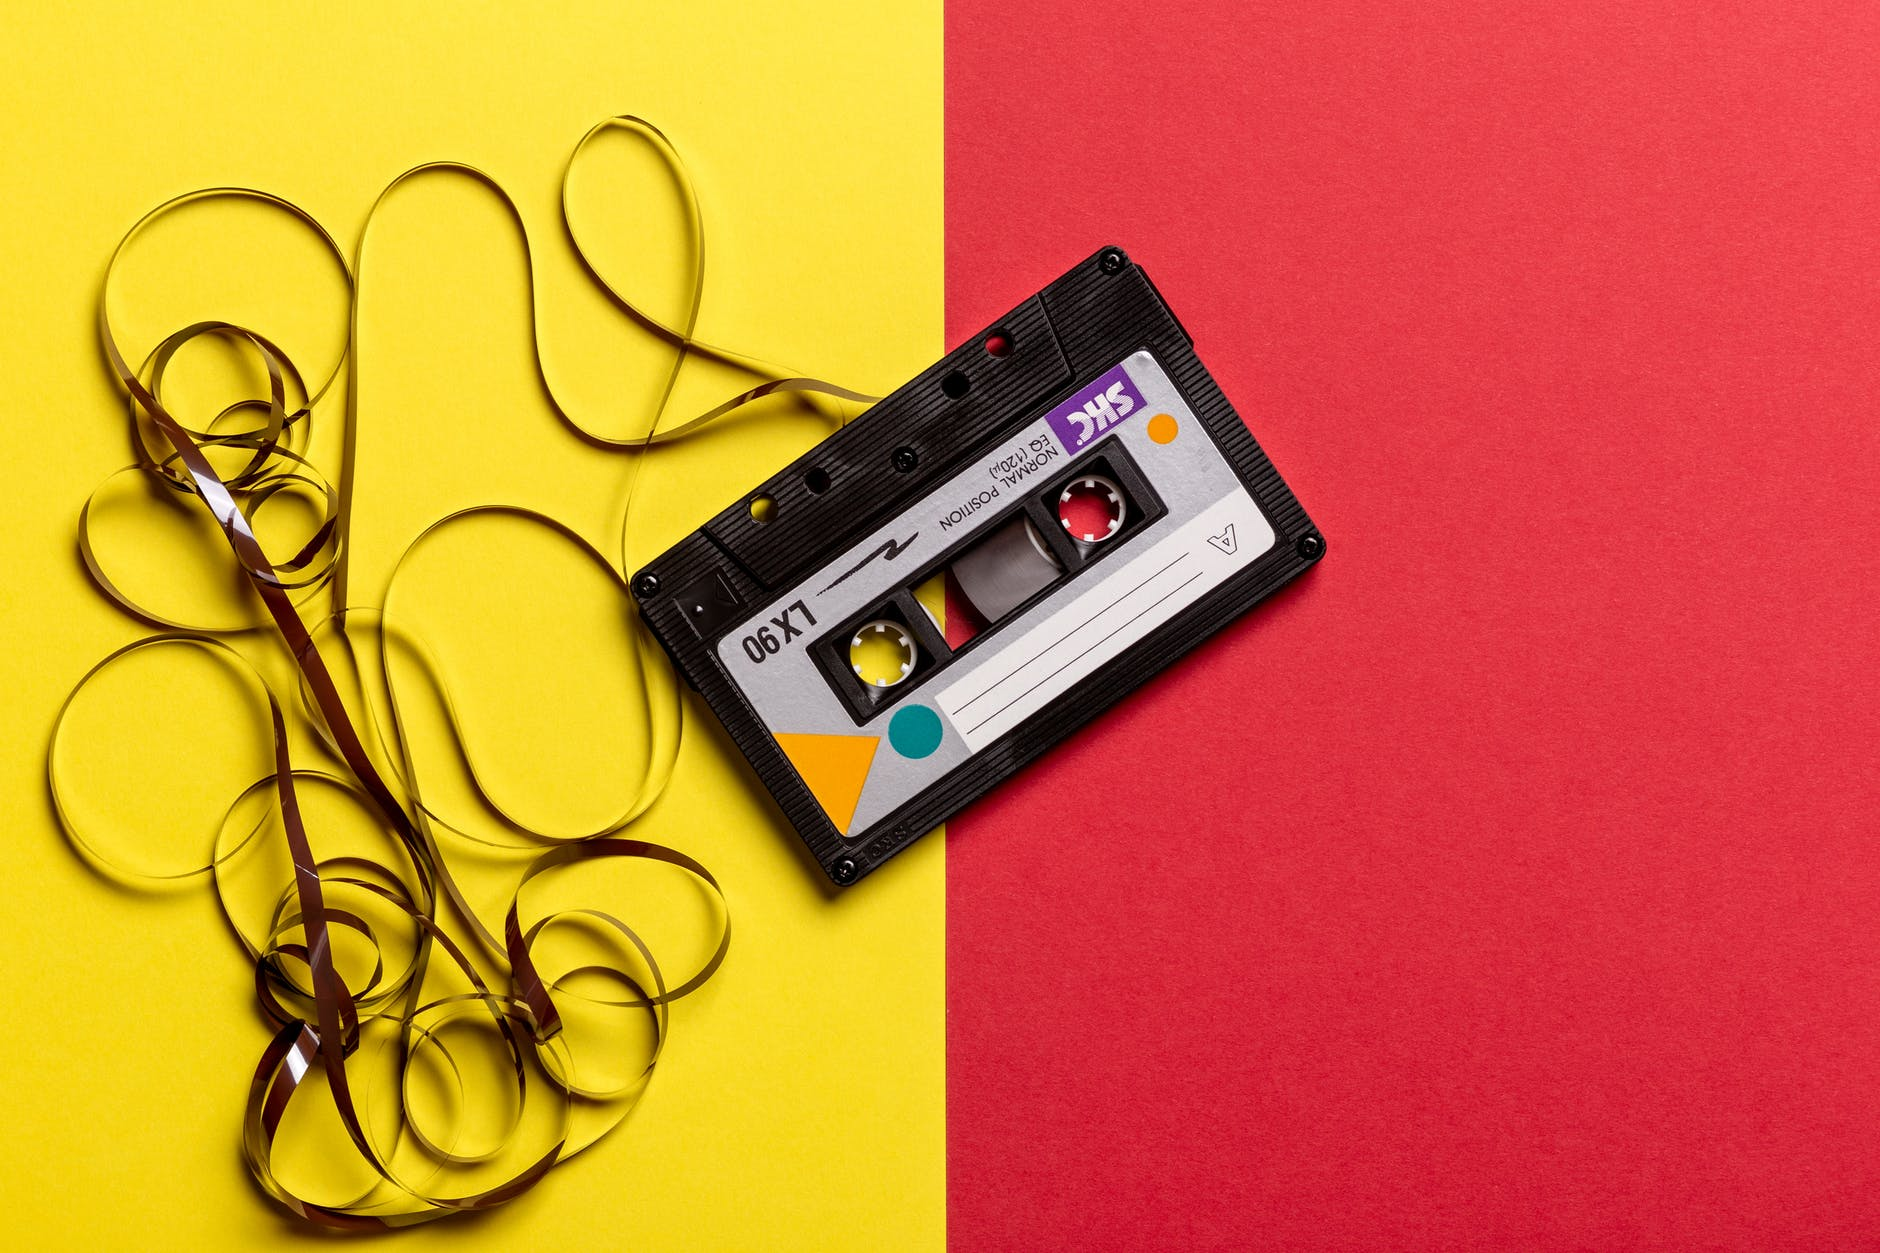 Kassette mit herausgedrehtem Tonband